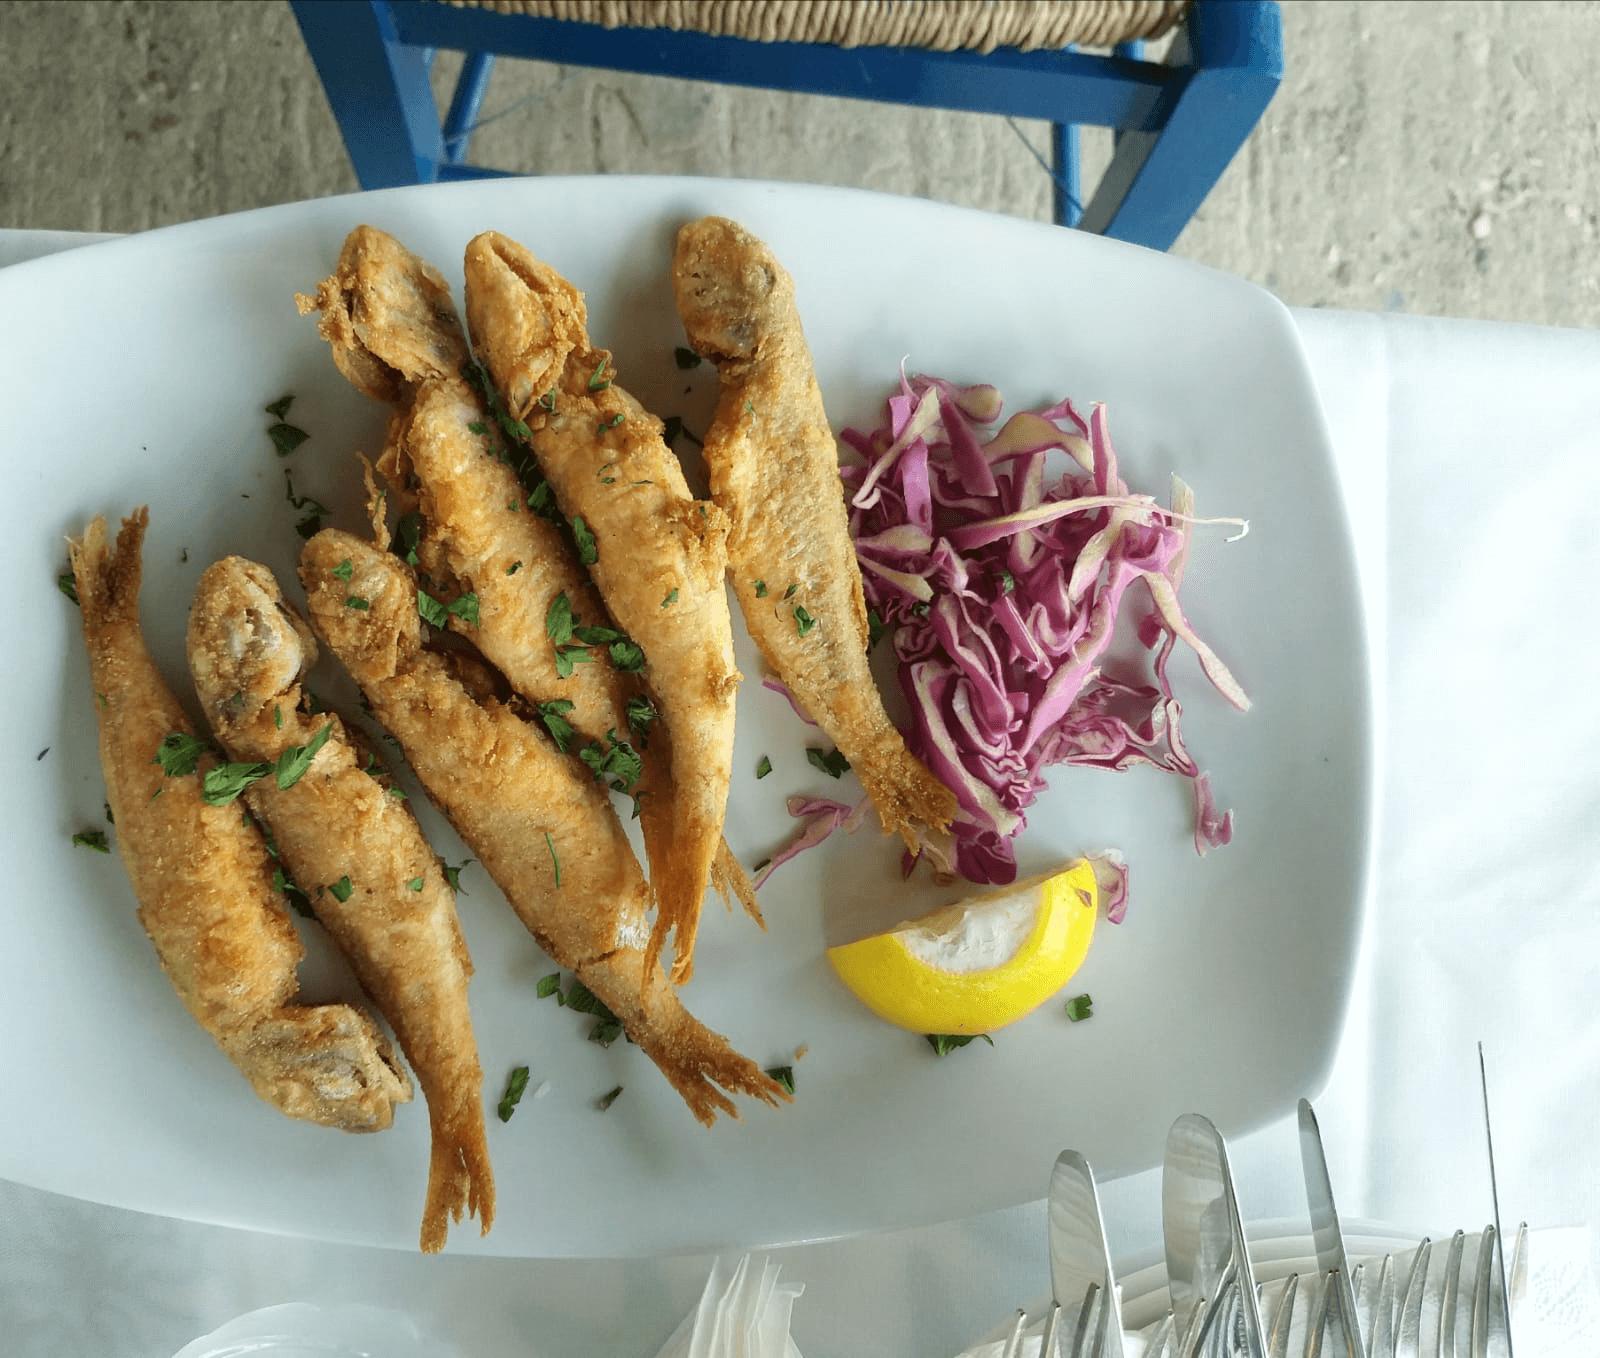 ברבוניות מטוגנות, מסעדה בסיטוניה, יוון